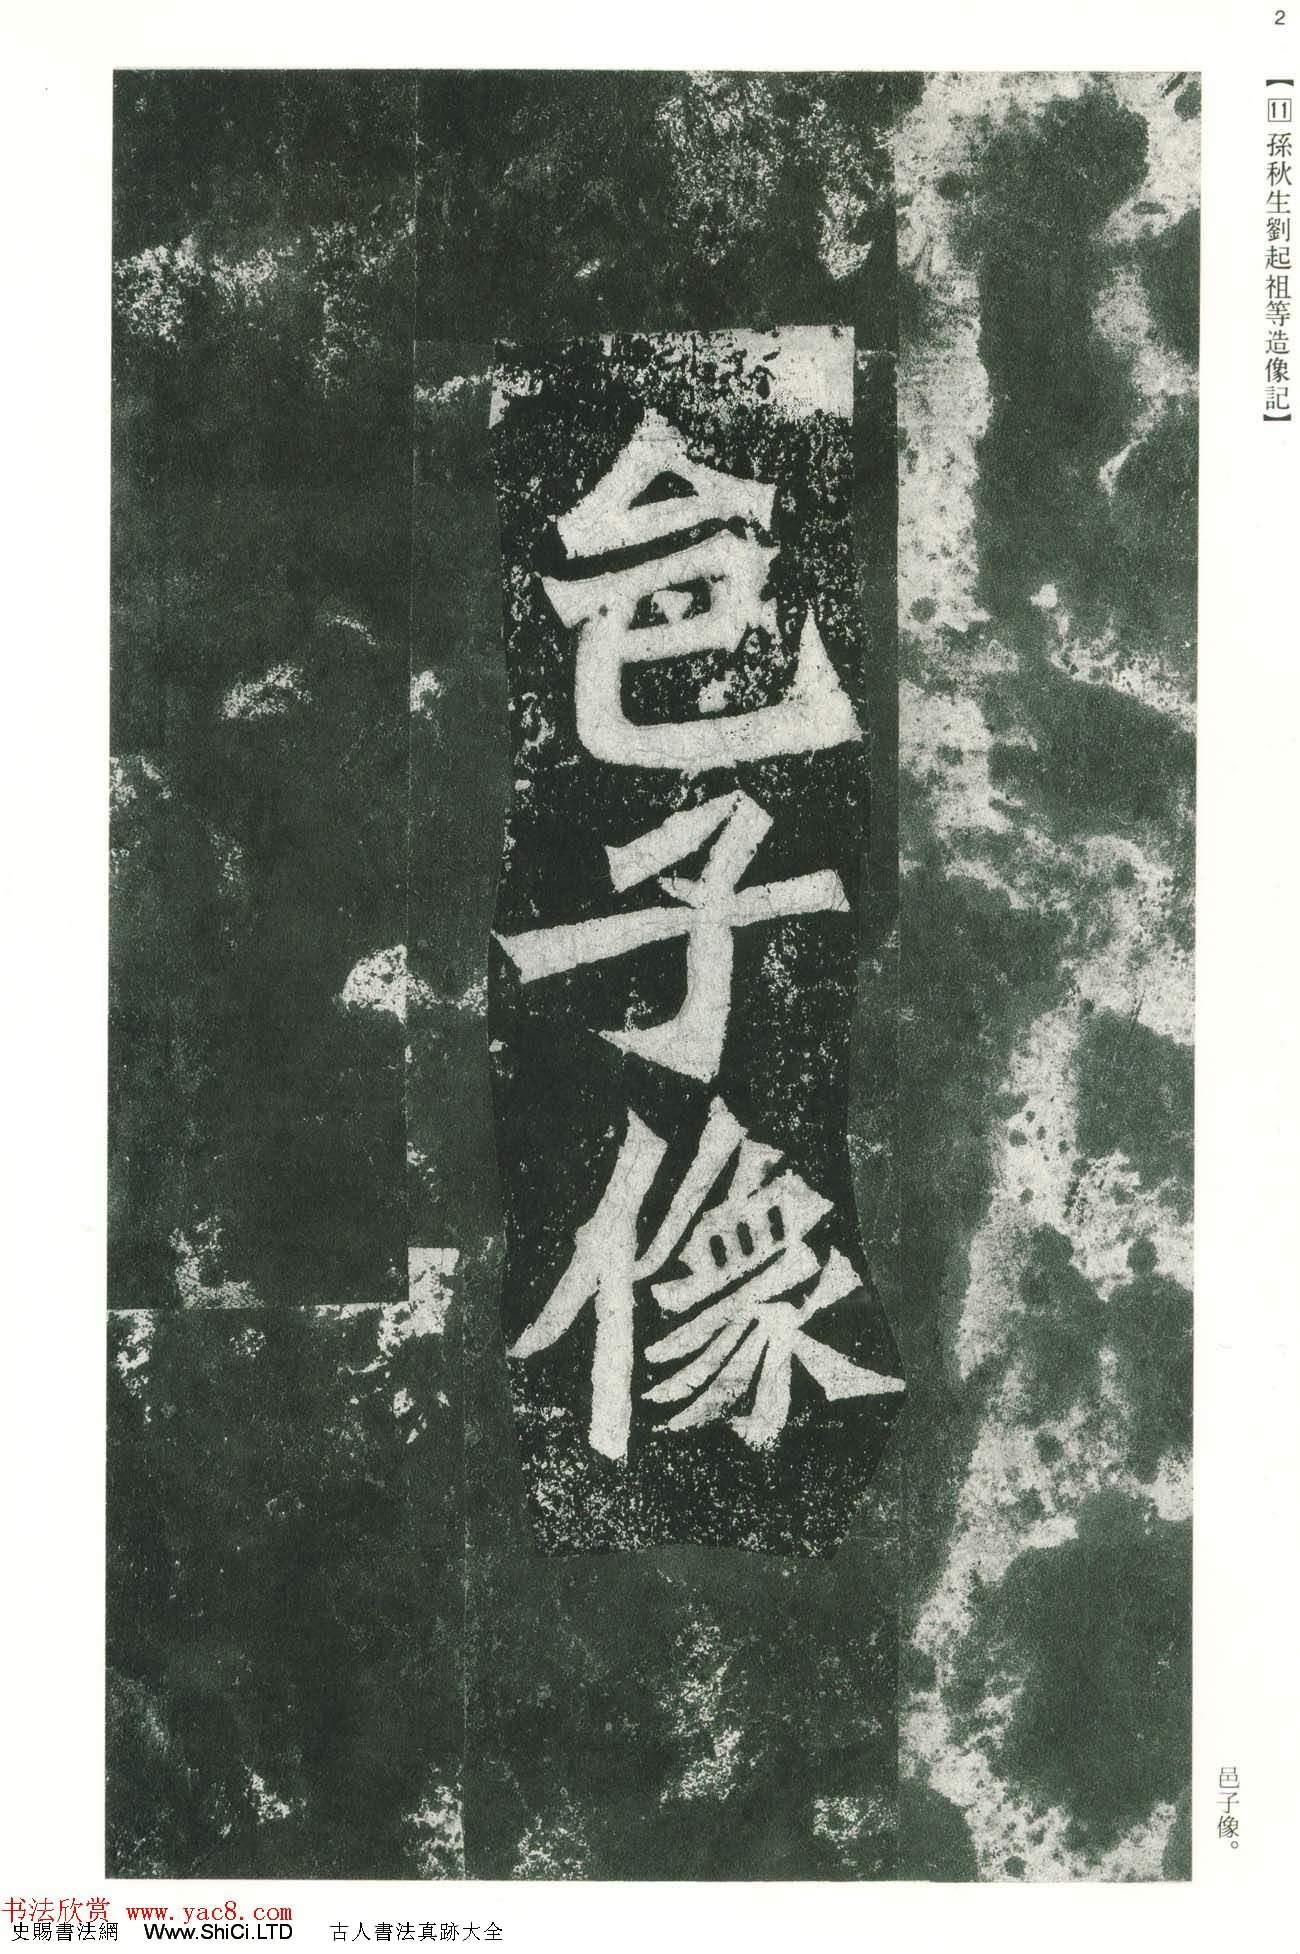 魏碑書法精品《龍門二十品》下冊二玄社版